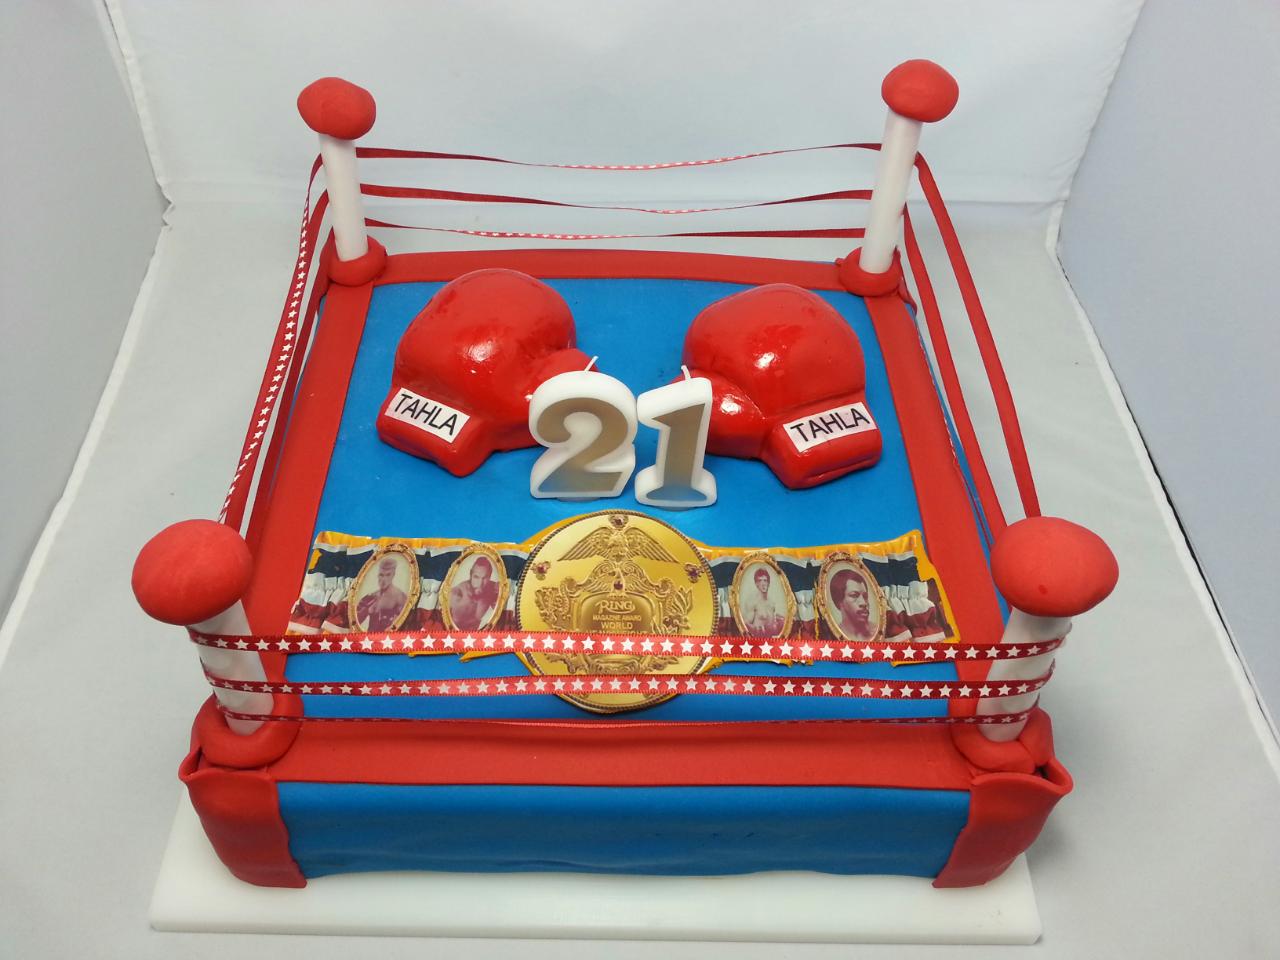 21st Birthday Rocky Balboa Boxing Ring Boy Birthday